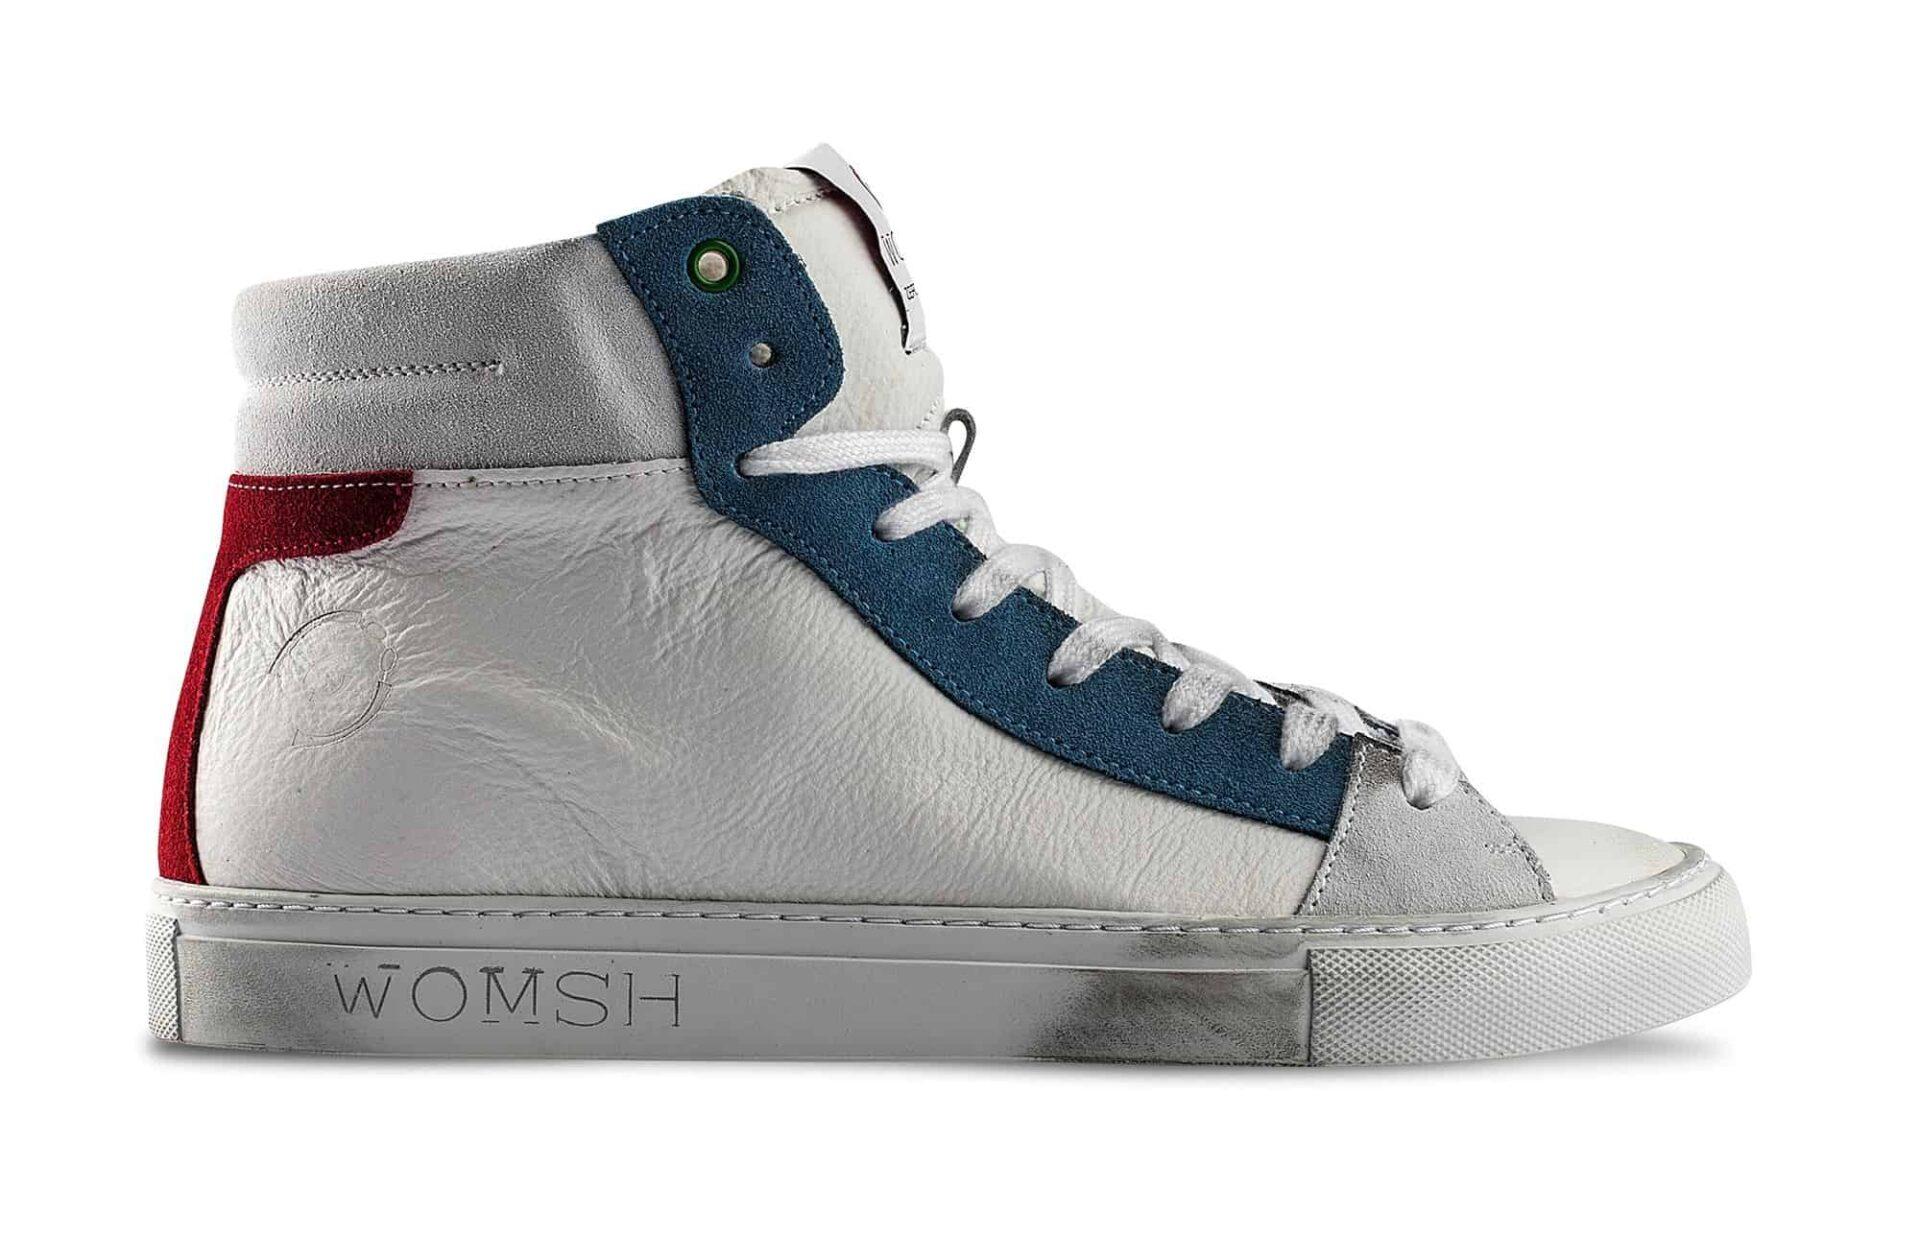 Womsh rispetta il pianeta con le sue sneakers fashion e riciclabili